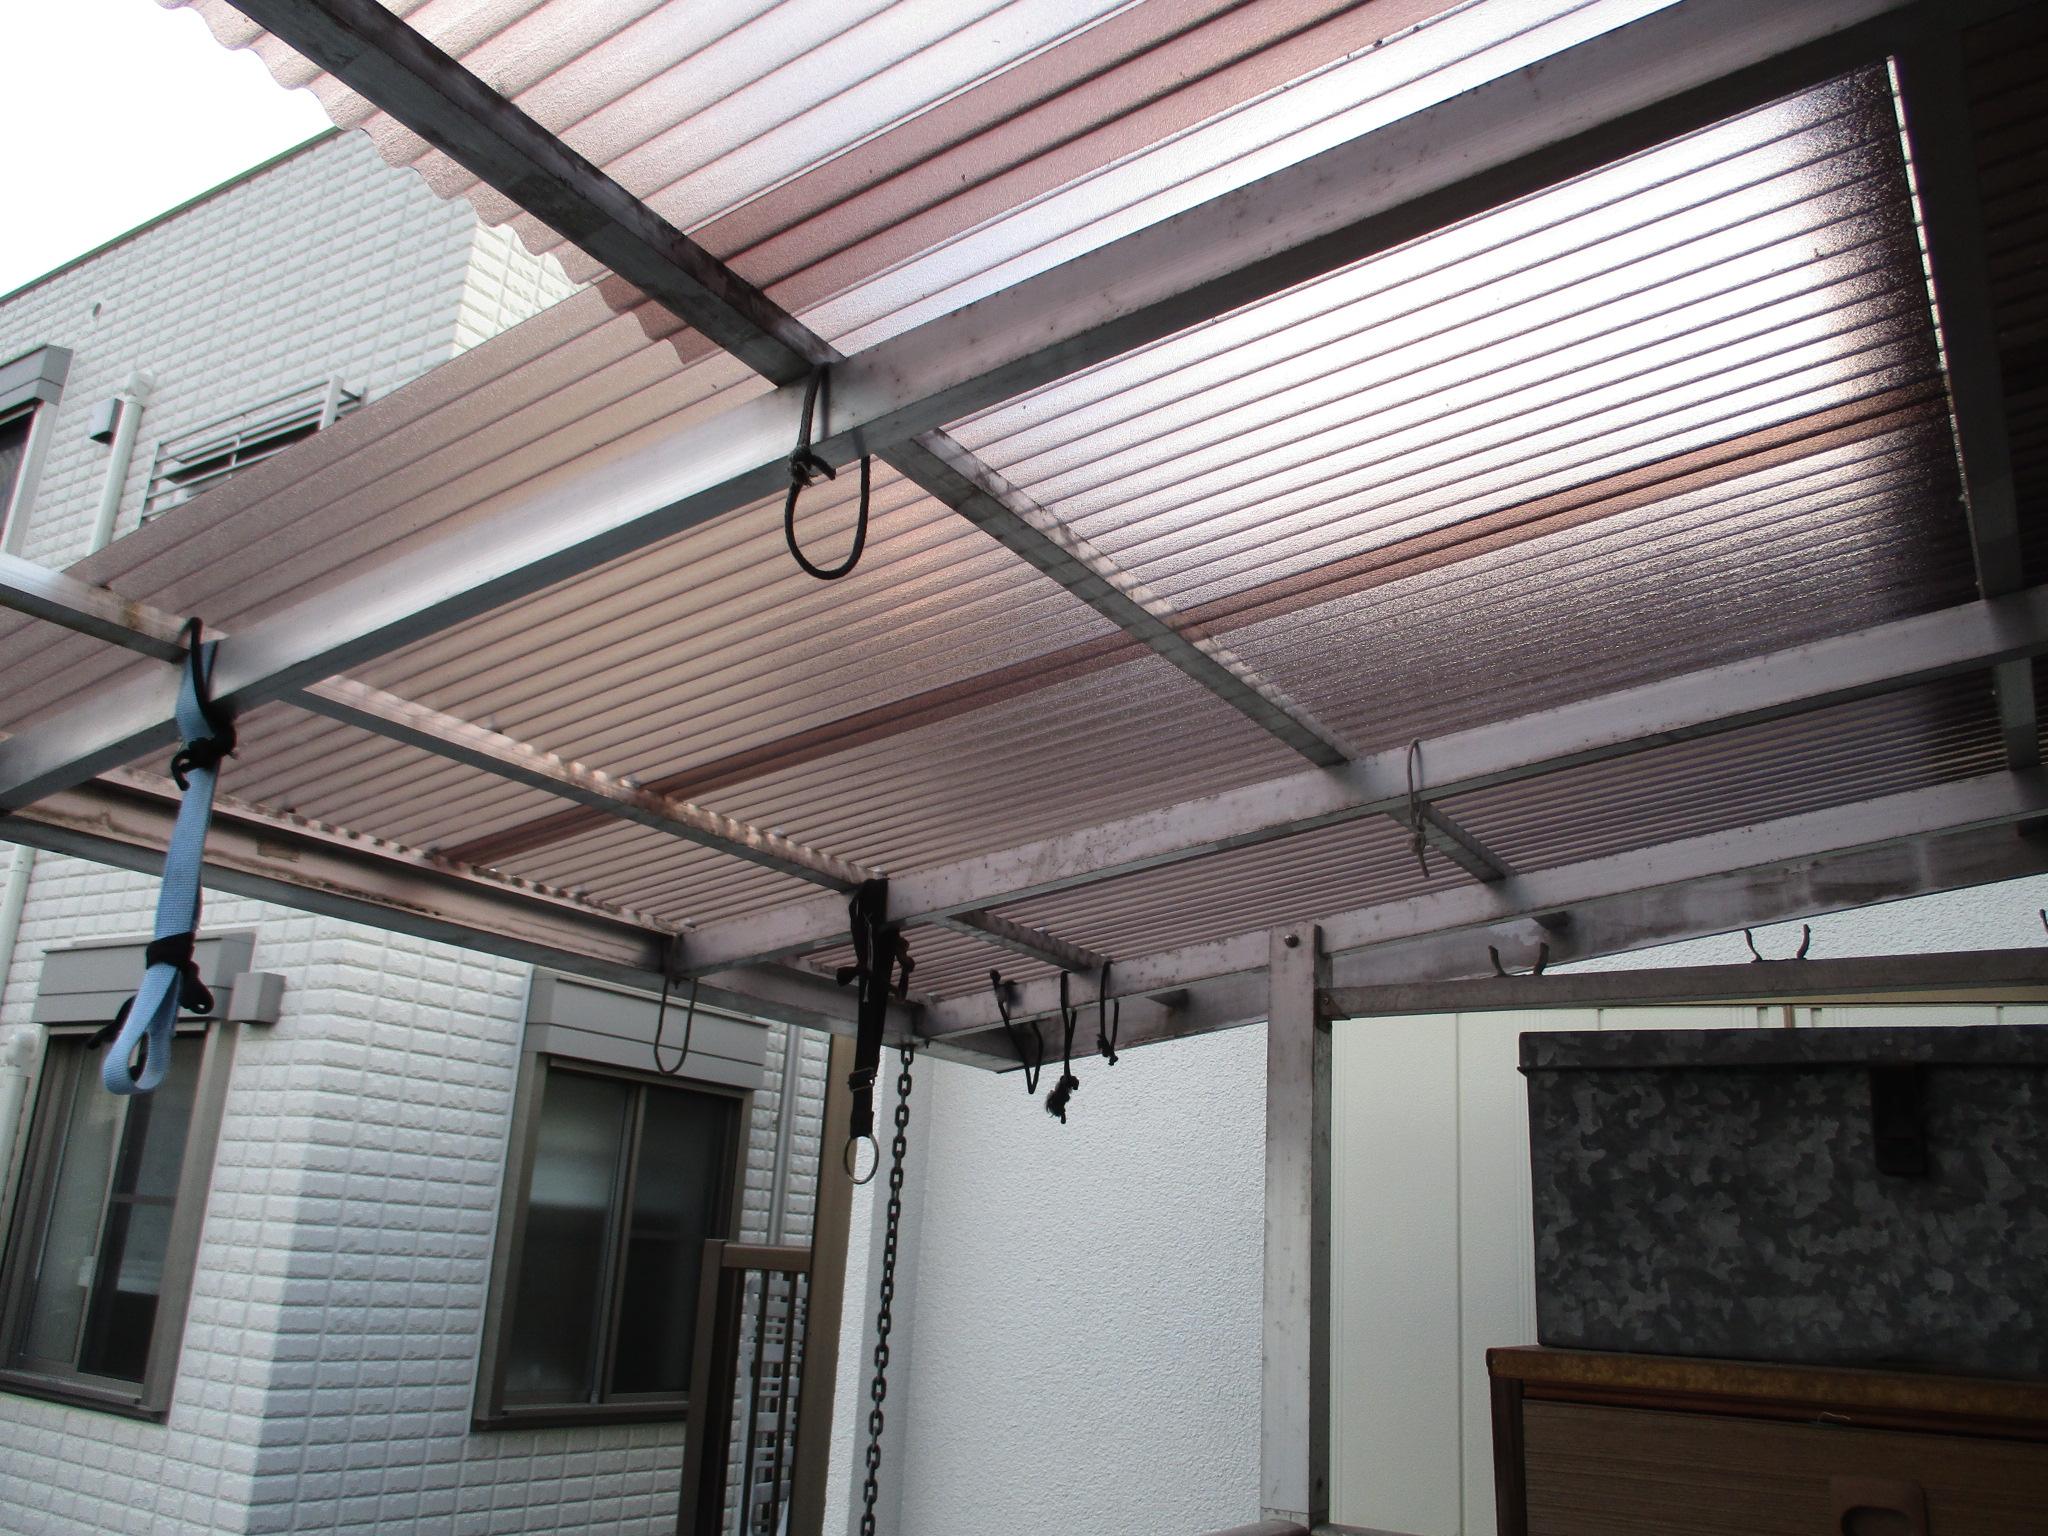 宝塚市 バルコニー屋根張替え工事イメージ01